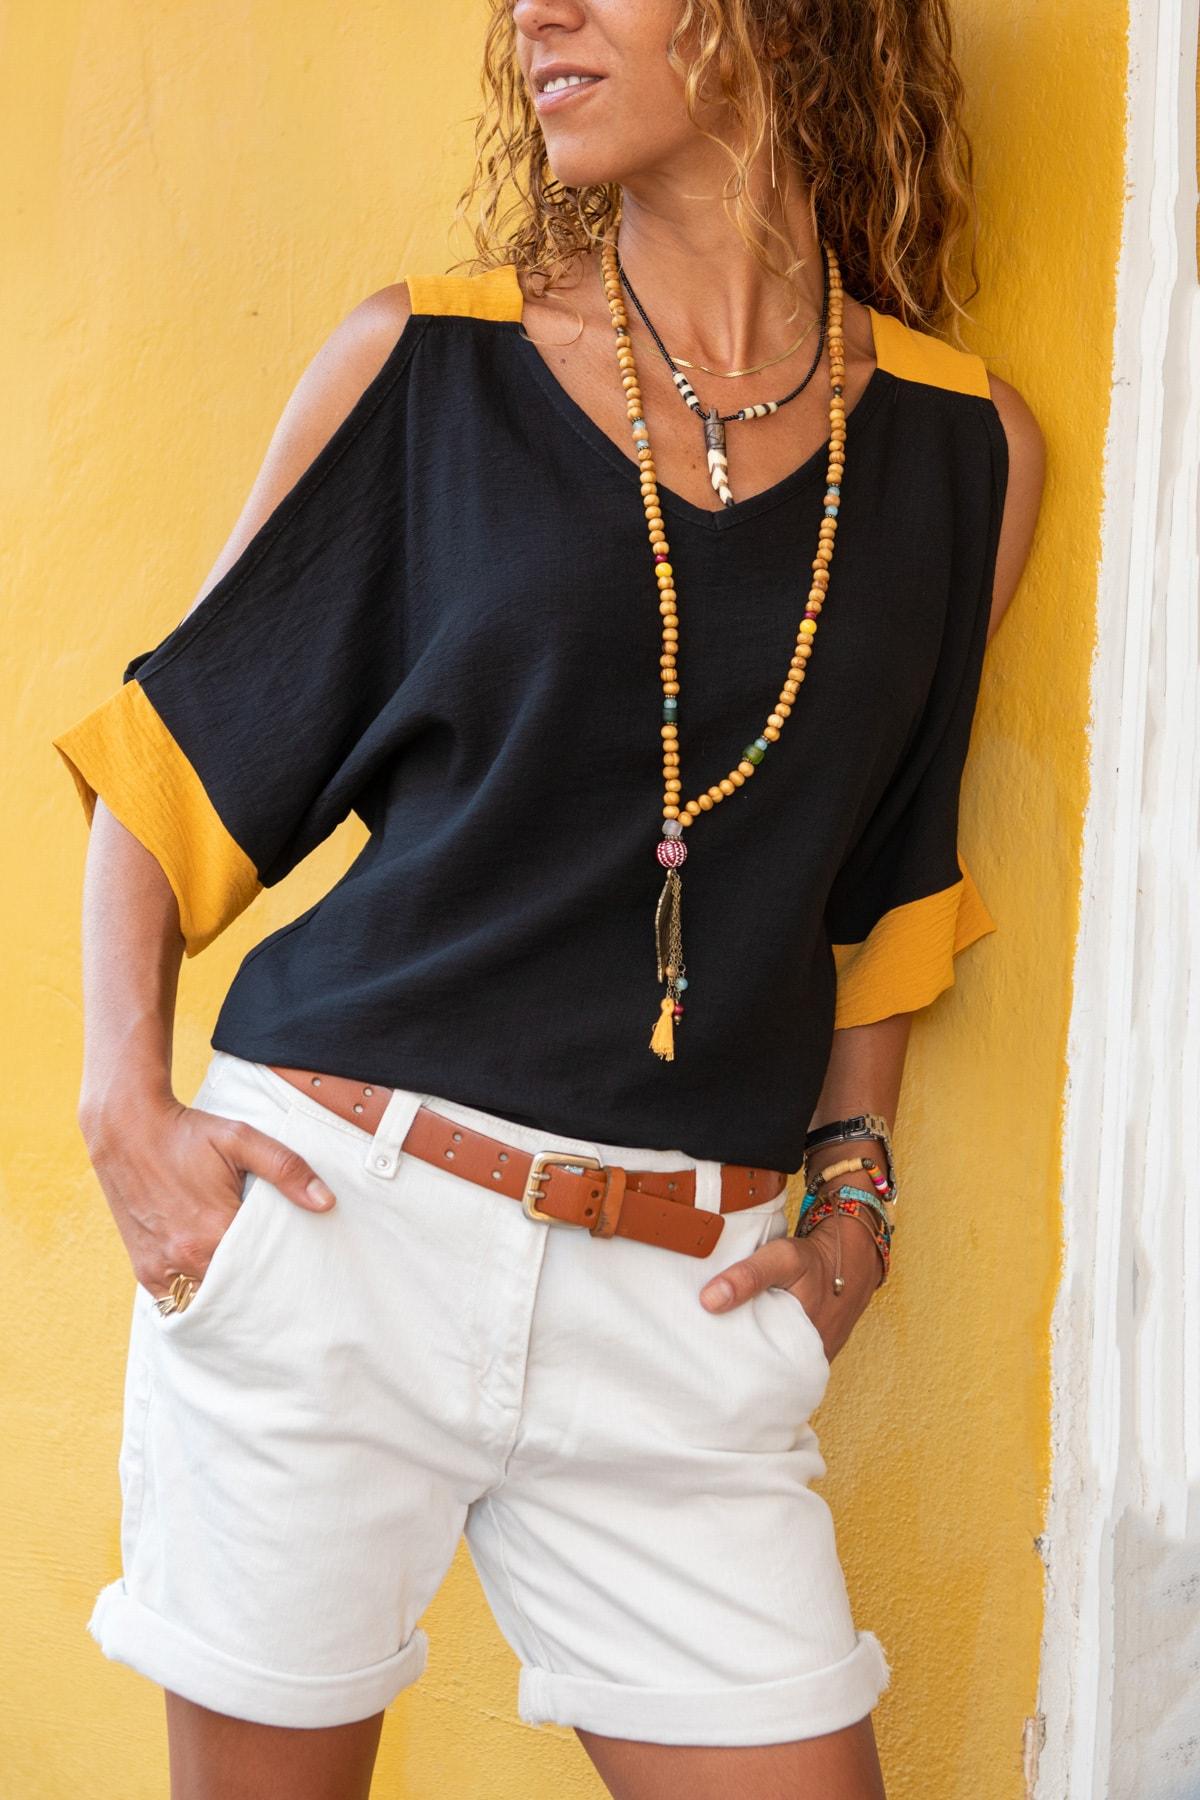 Güneşkızı Kadın Siyah Keten Omuz Dekolteli Salaş Bluz GK-BST2923